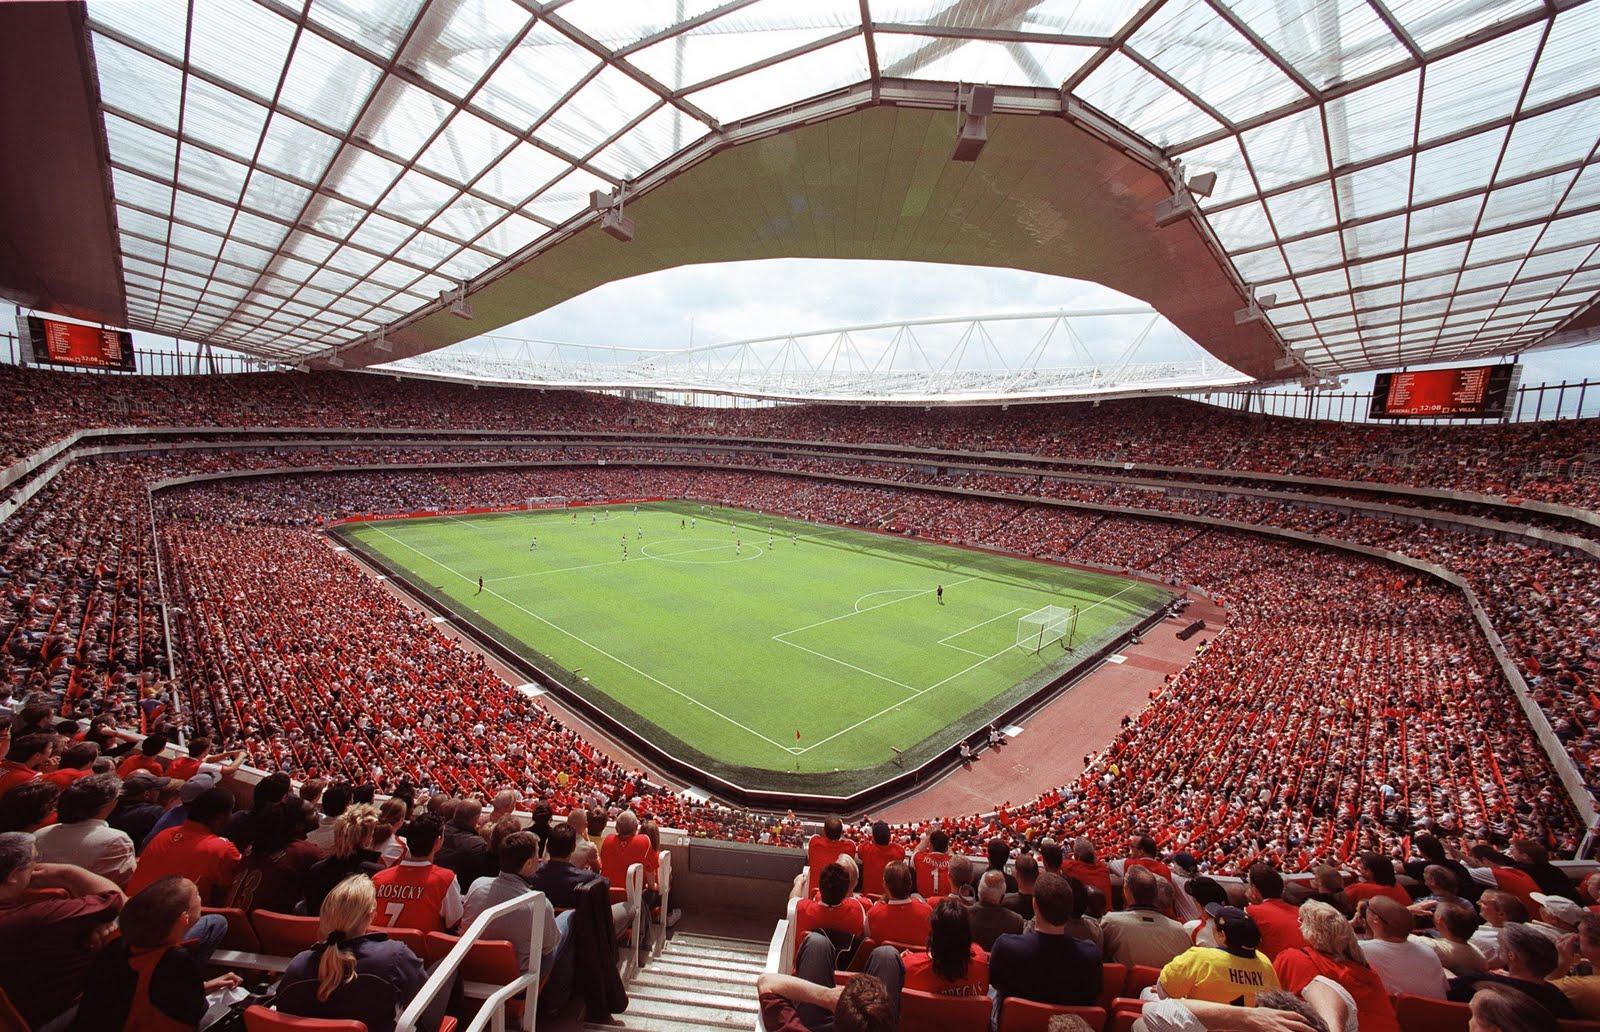 http://1.bp.blogspot.com/-9SciAFIl9jU/Tq0pXMFNAwI/AAAAAAAAFgU/mpNn0W_5JS4/s1600/arsenal-new-stadium.jpg